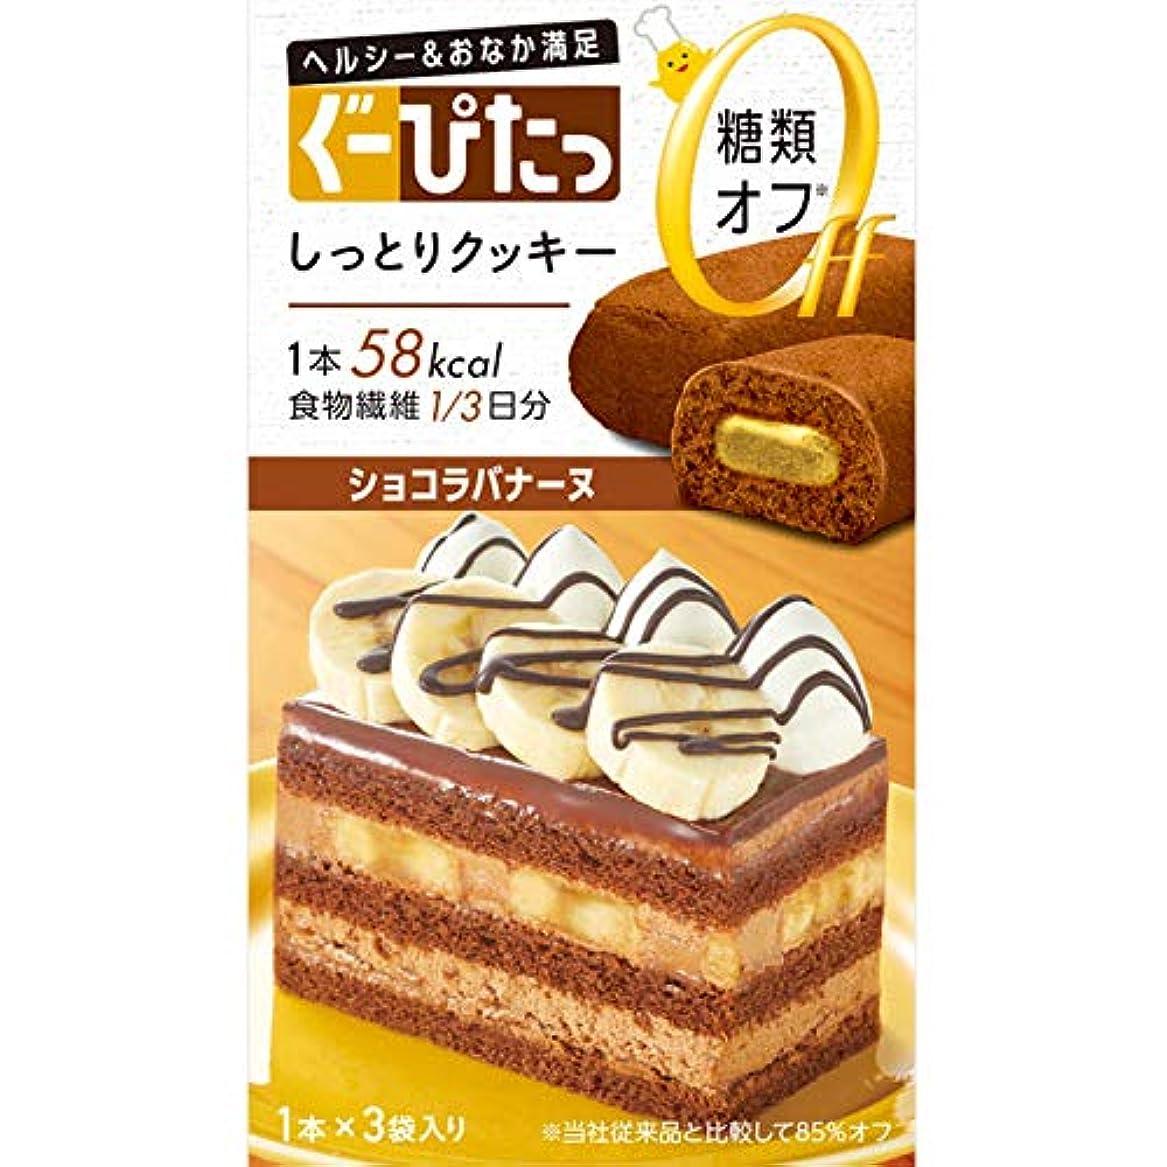 レバー一般的に欠如ナリスアップ ぐーぴたっ しっとりクッキー ショコラバナーヌ (3本) ダイエット食品